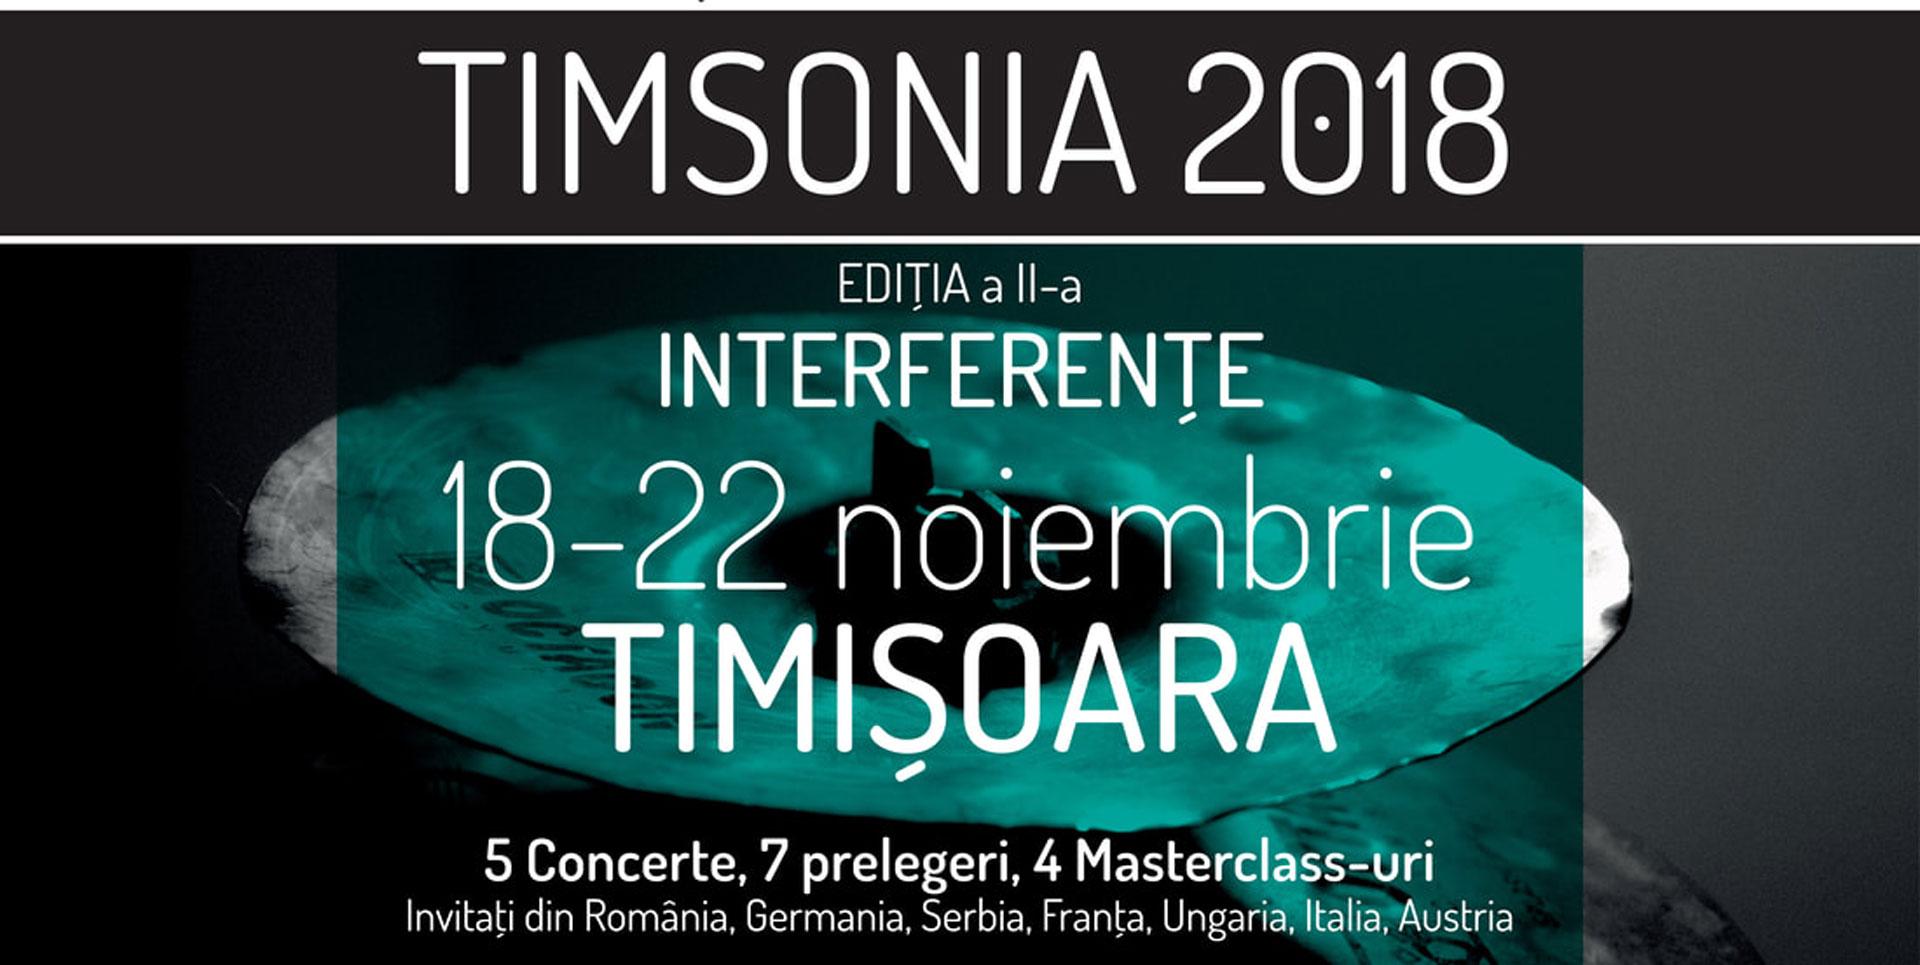 Festivalul internațional de muzică nouă TIMSONIA 2018